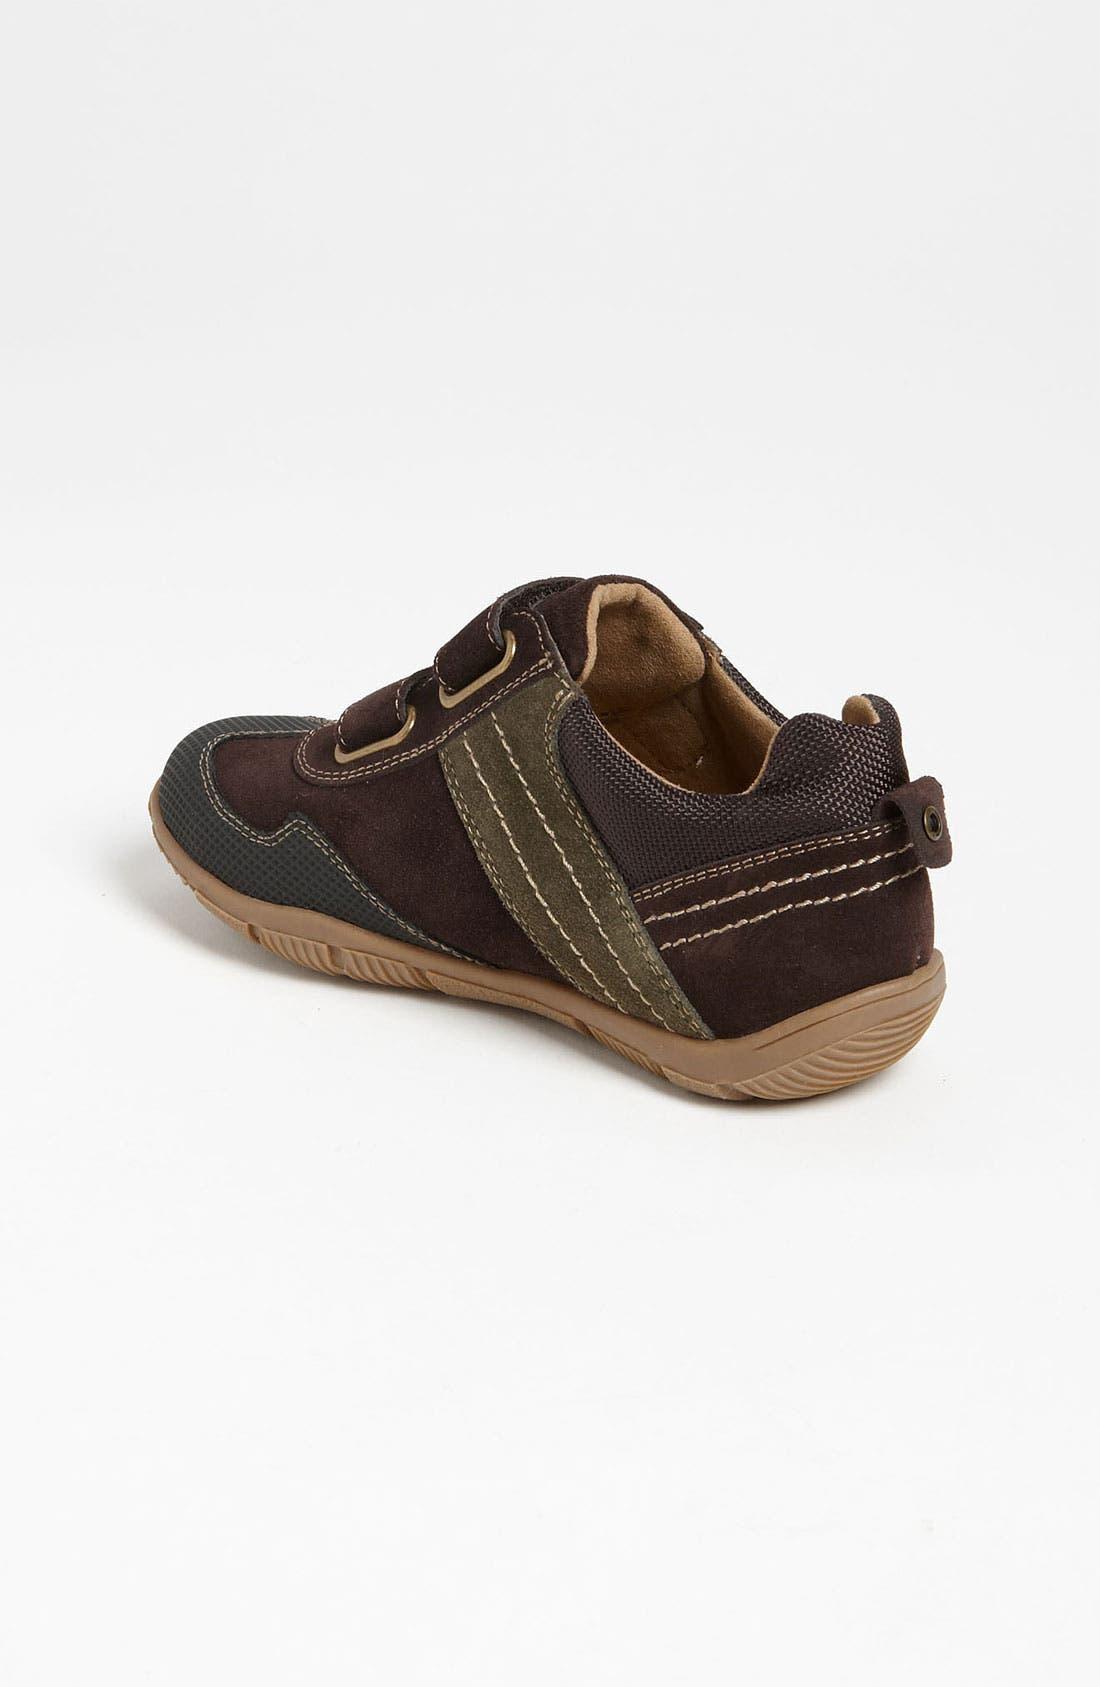 Alternate Image 2  - Cole Haan 'Air Grande' Sneaker (Toddler, Little Kid & Big Kid)